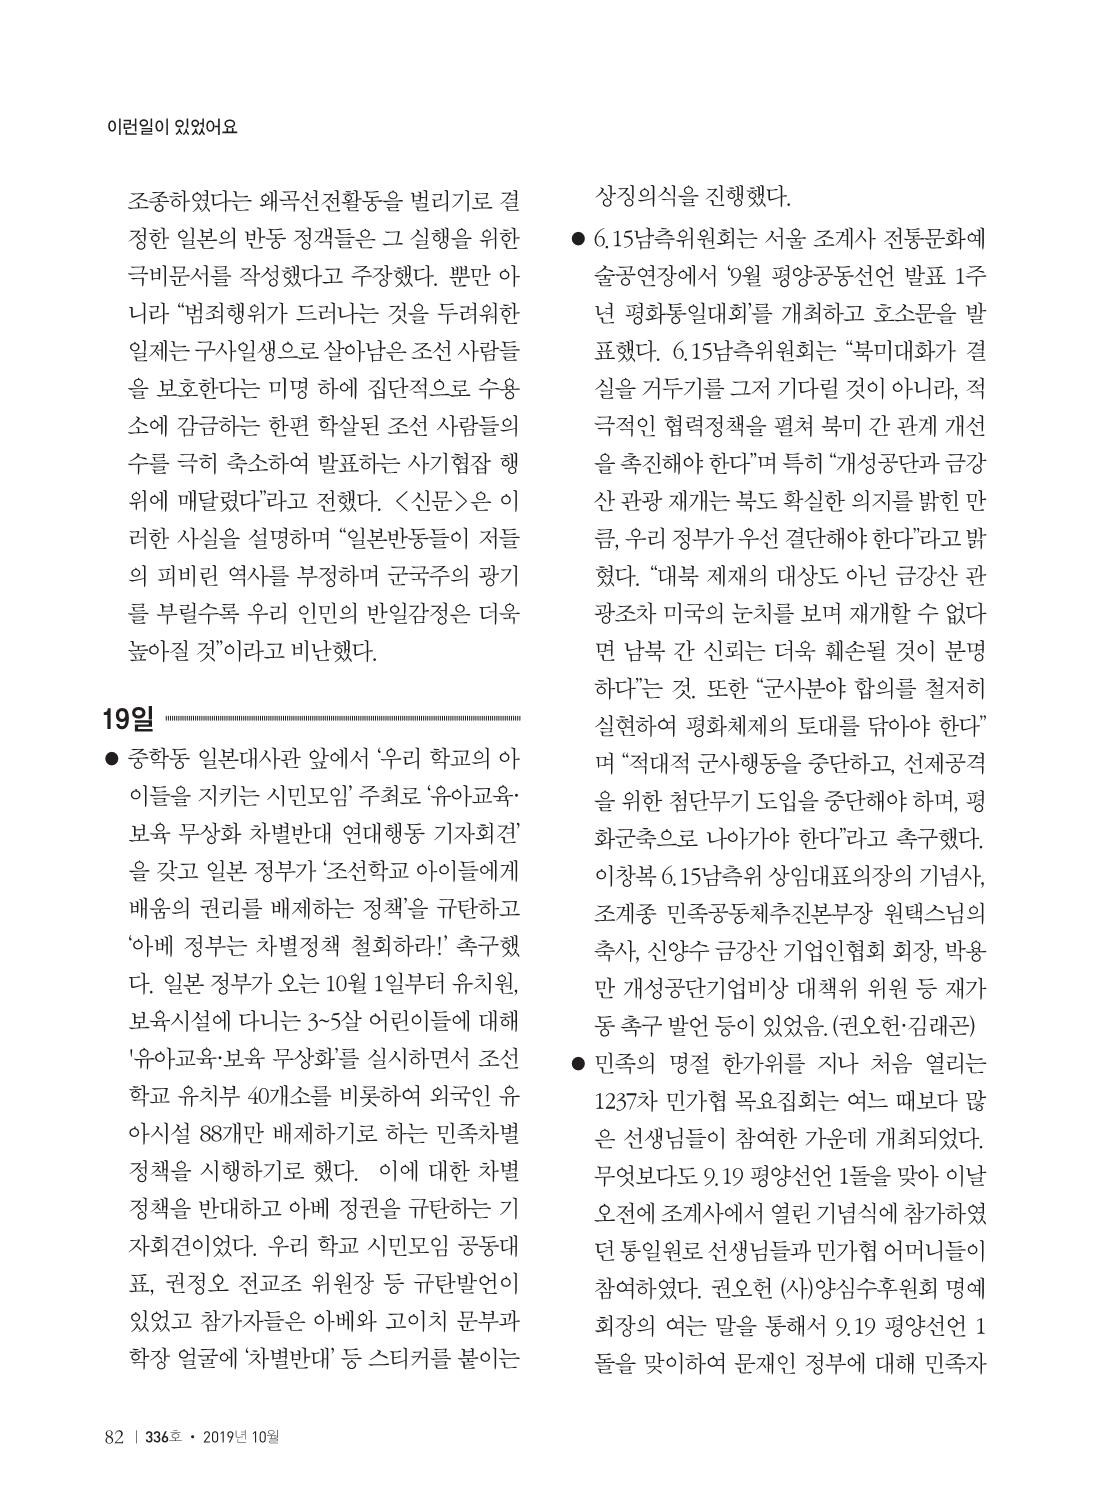 154780e2-c93e-4795-937d-bbcc14642e29.pdf-0084.jpg